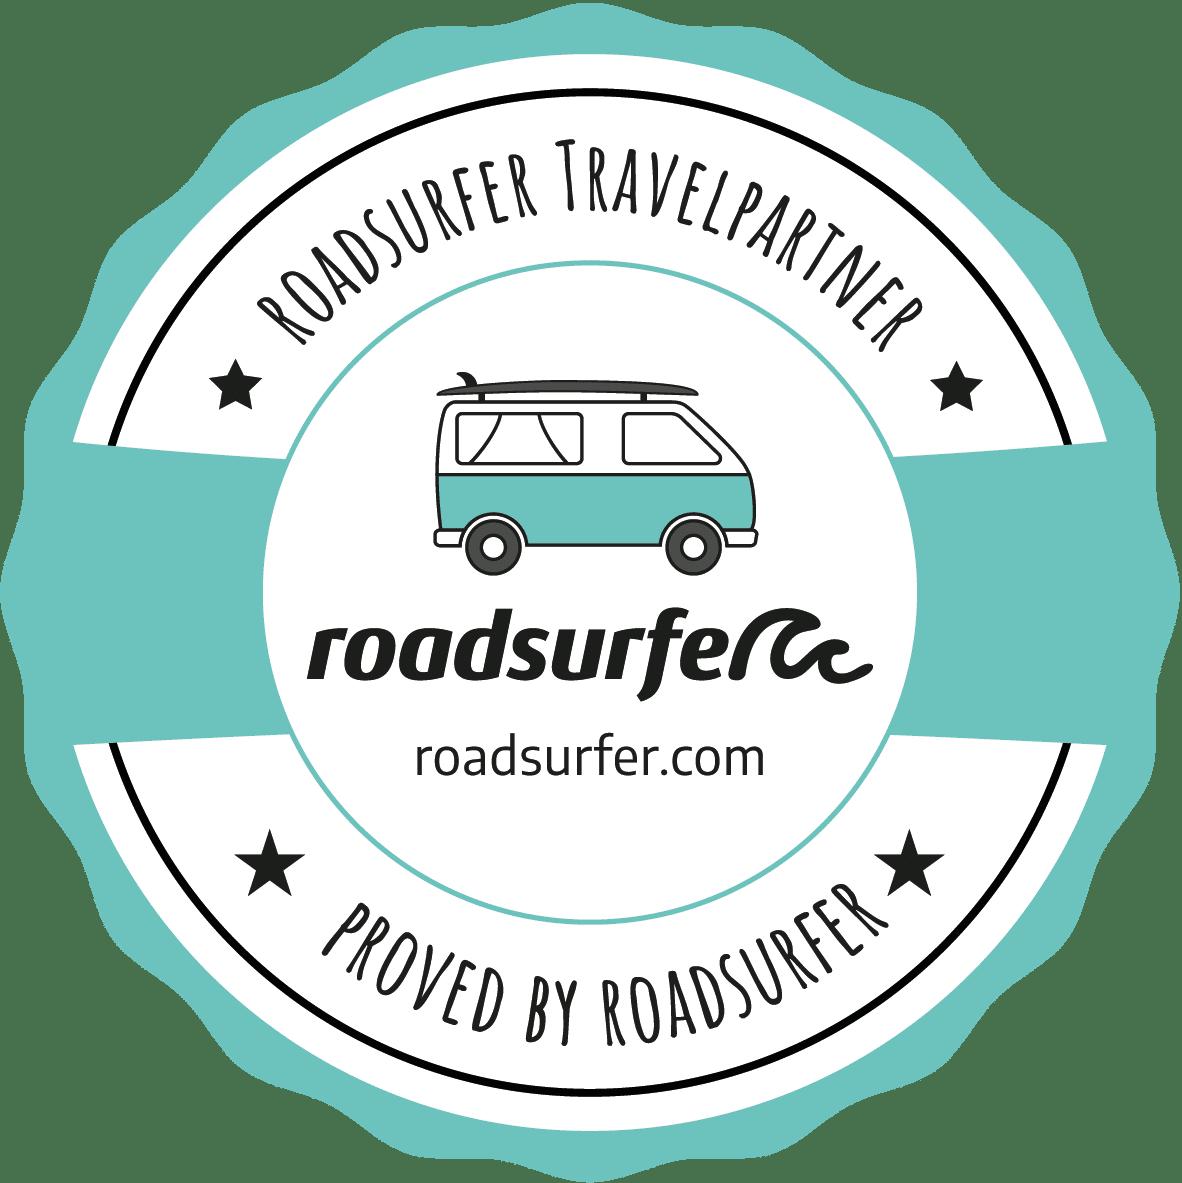 Roadsurfer Travelpartner | Reiseagentur Urlaubsengel - Reisebüro Weinheim